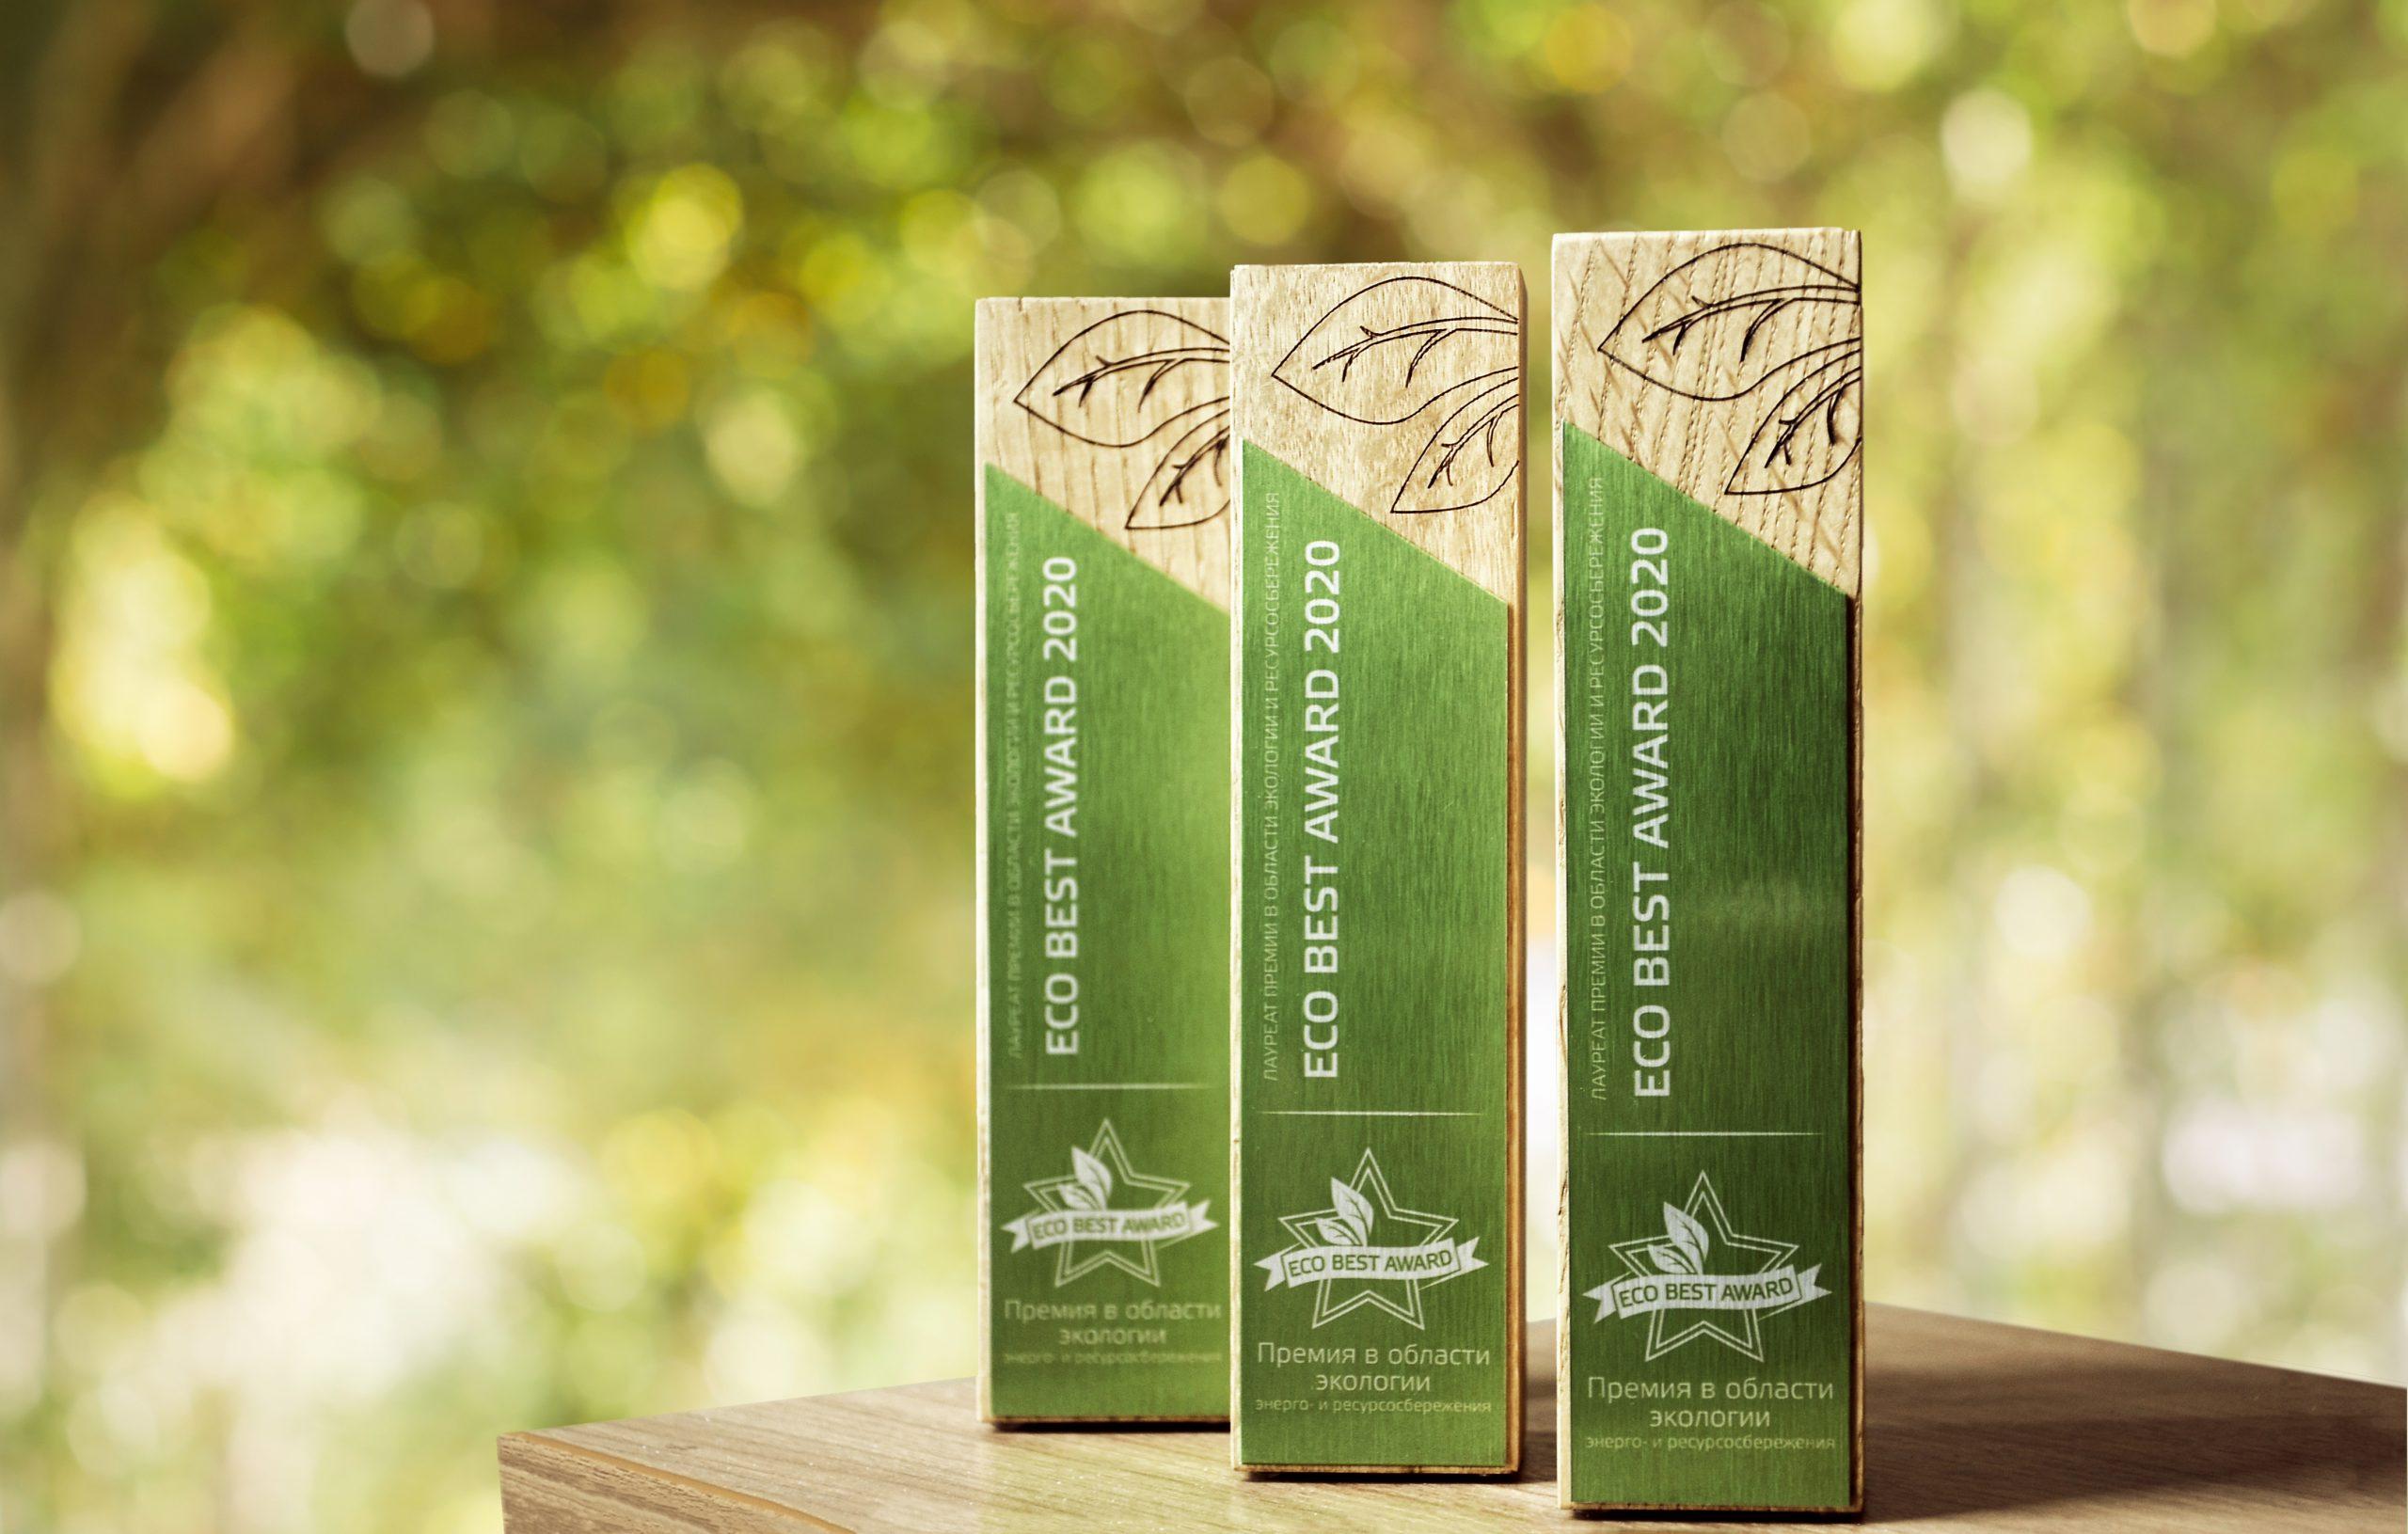 Экологичный бизнес: Подведены итоги премии ECO BEST AWARD-2020